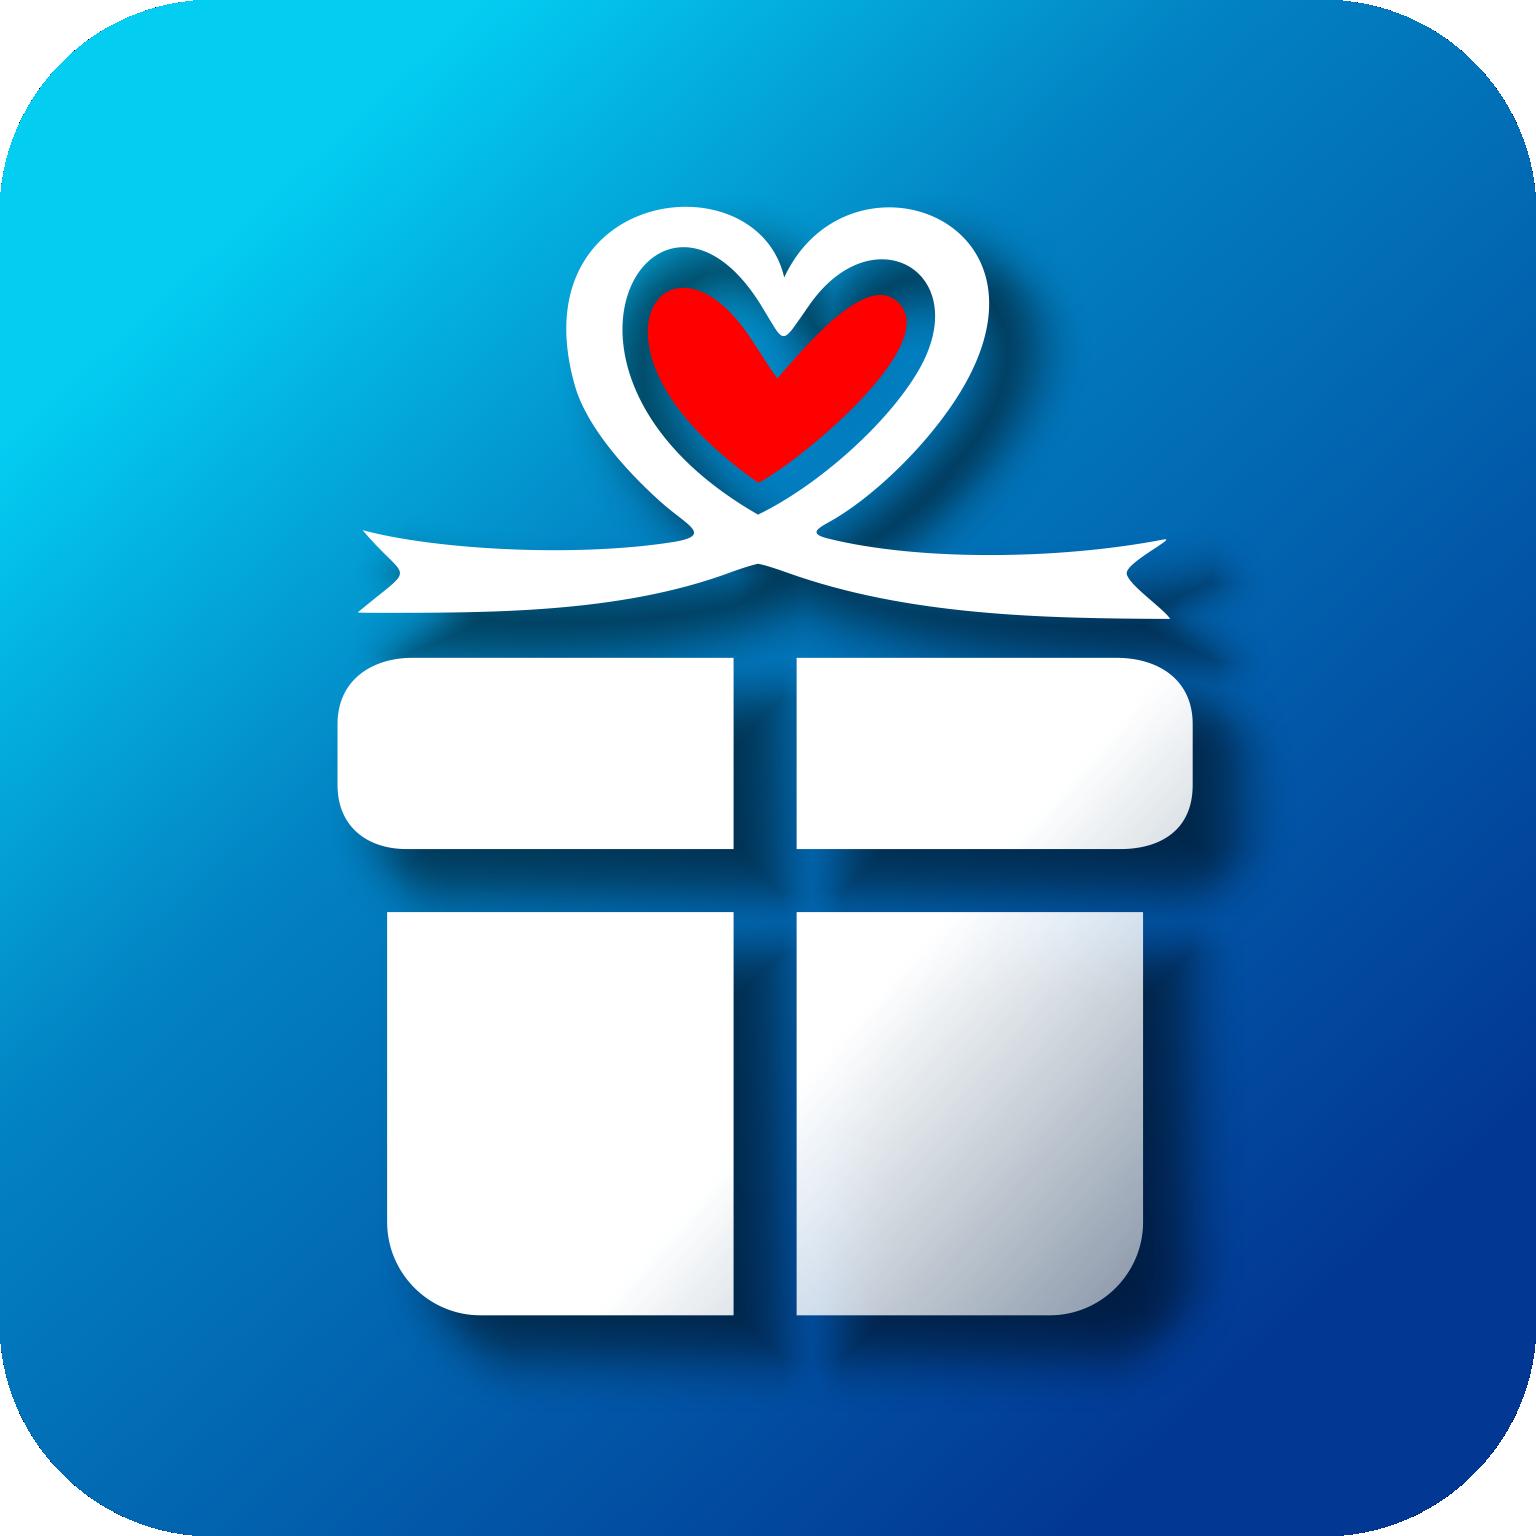 Geschenke App benötigt ein aussagekräftiges Logo